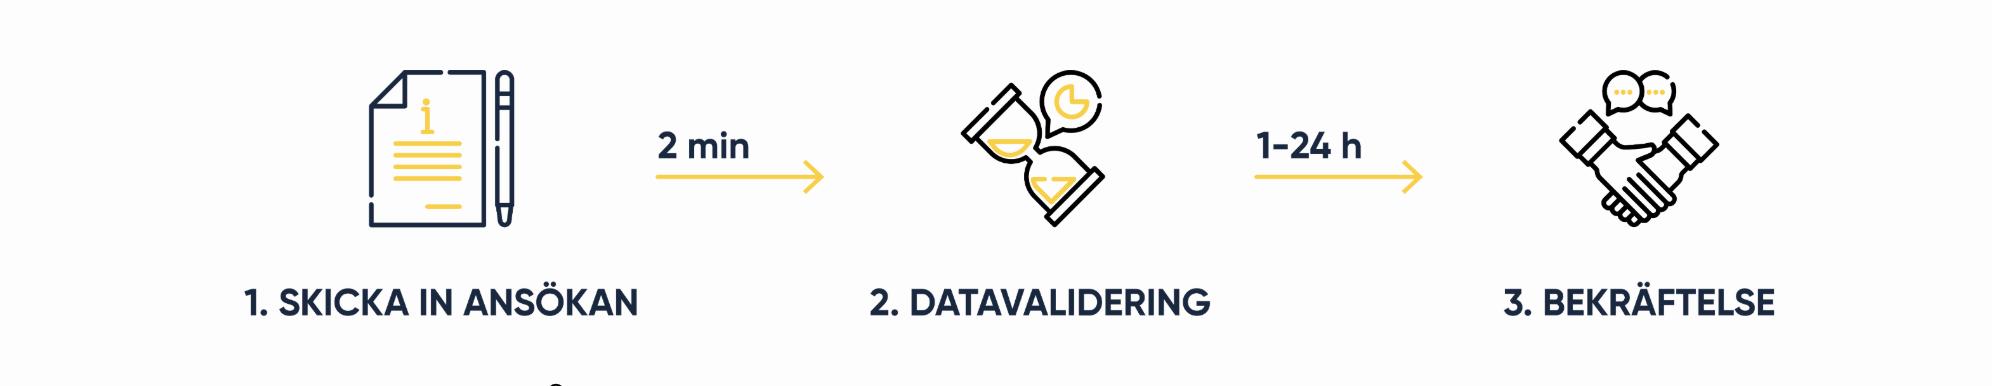 Snabbaste och billigaste LEI kod registrering i Sverige